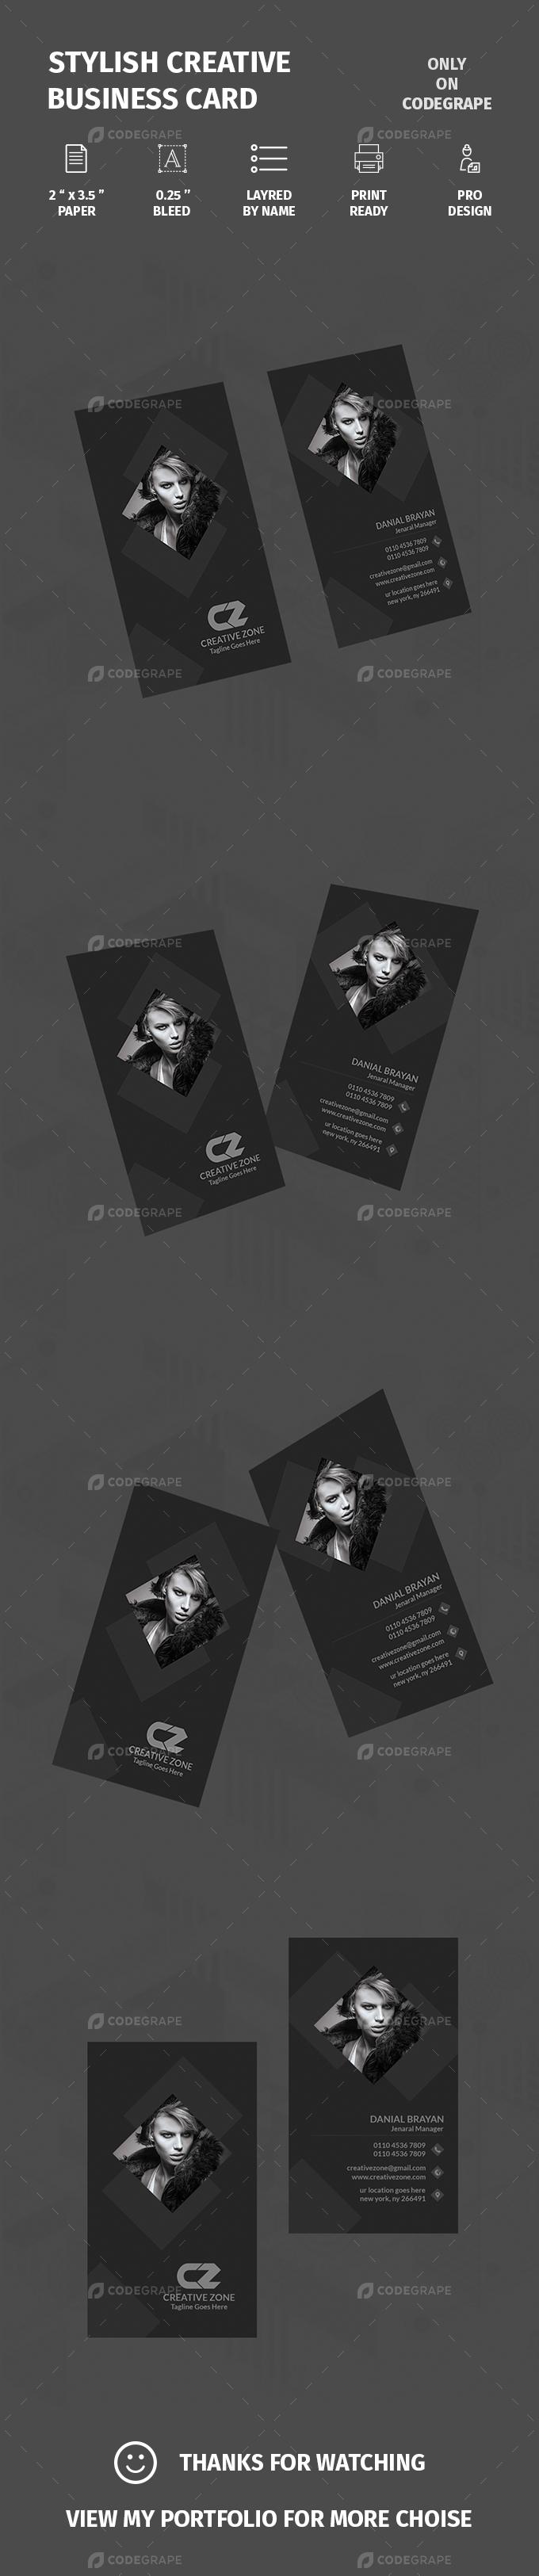 Stylish Creative Business Card